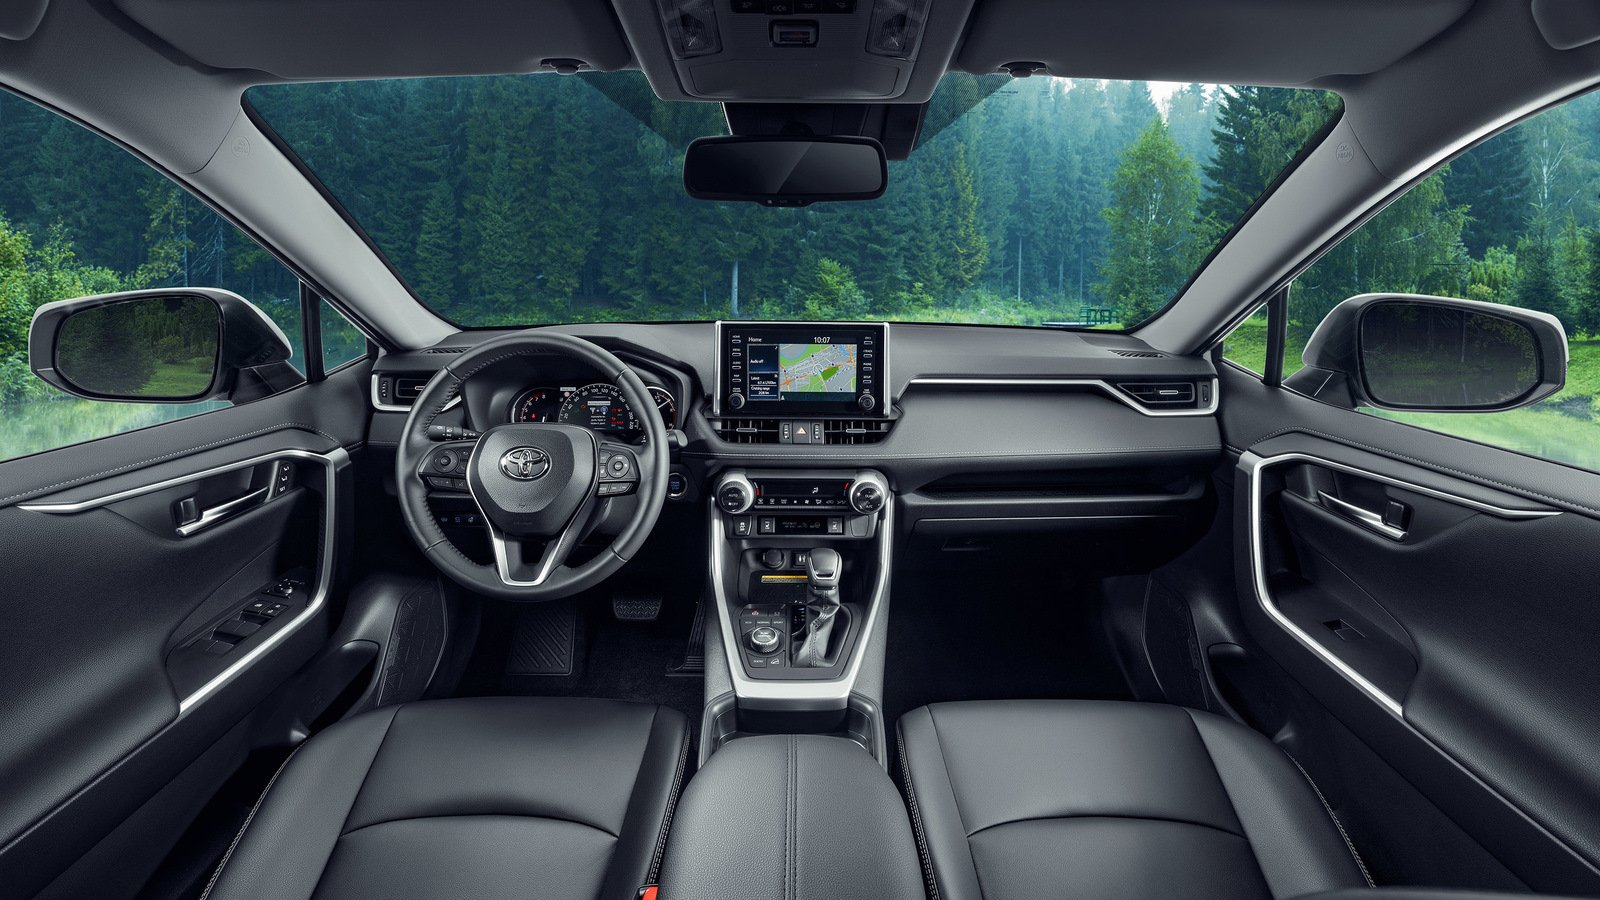 Toyota рассказала, какие RAV4 приобретают россияне